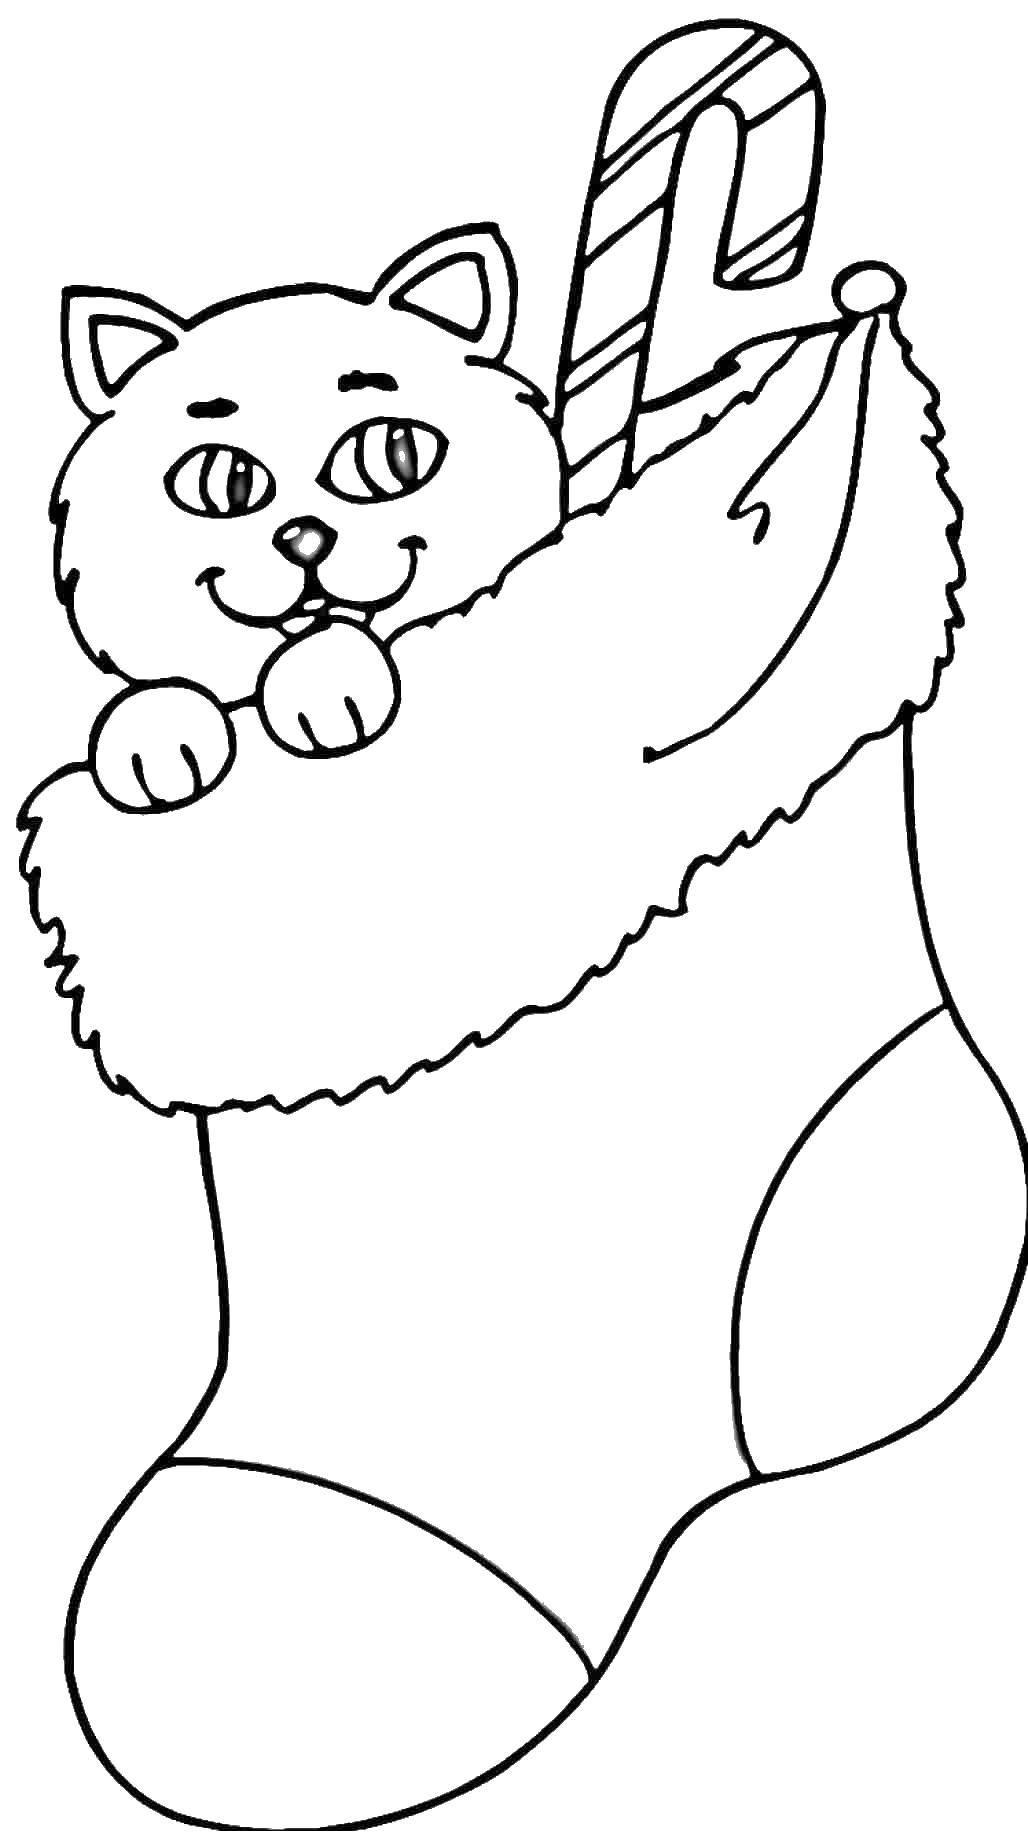 Раскраска Котик в носочке Скачать рождество, носочек, котик.  Распечатать ,Рождество,